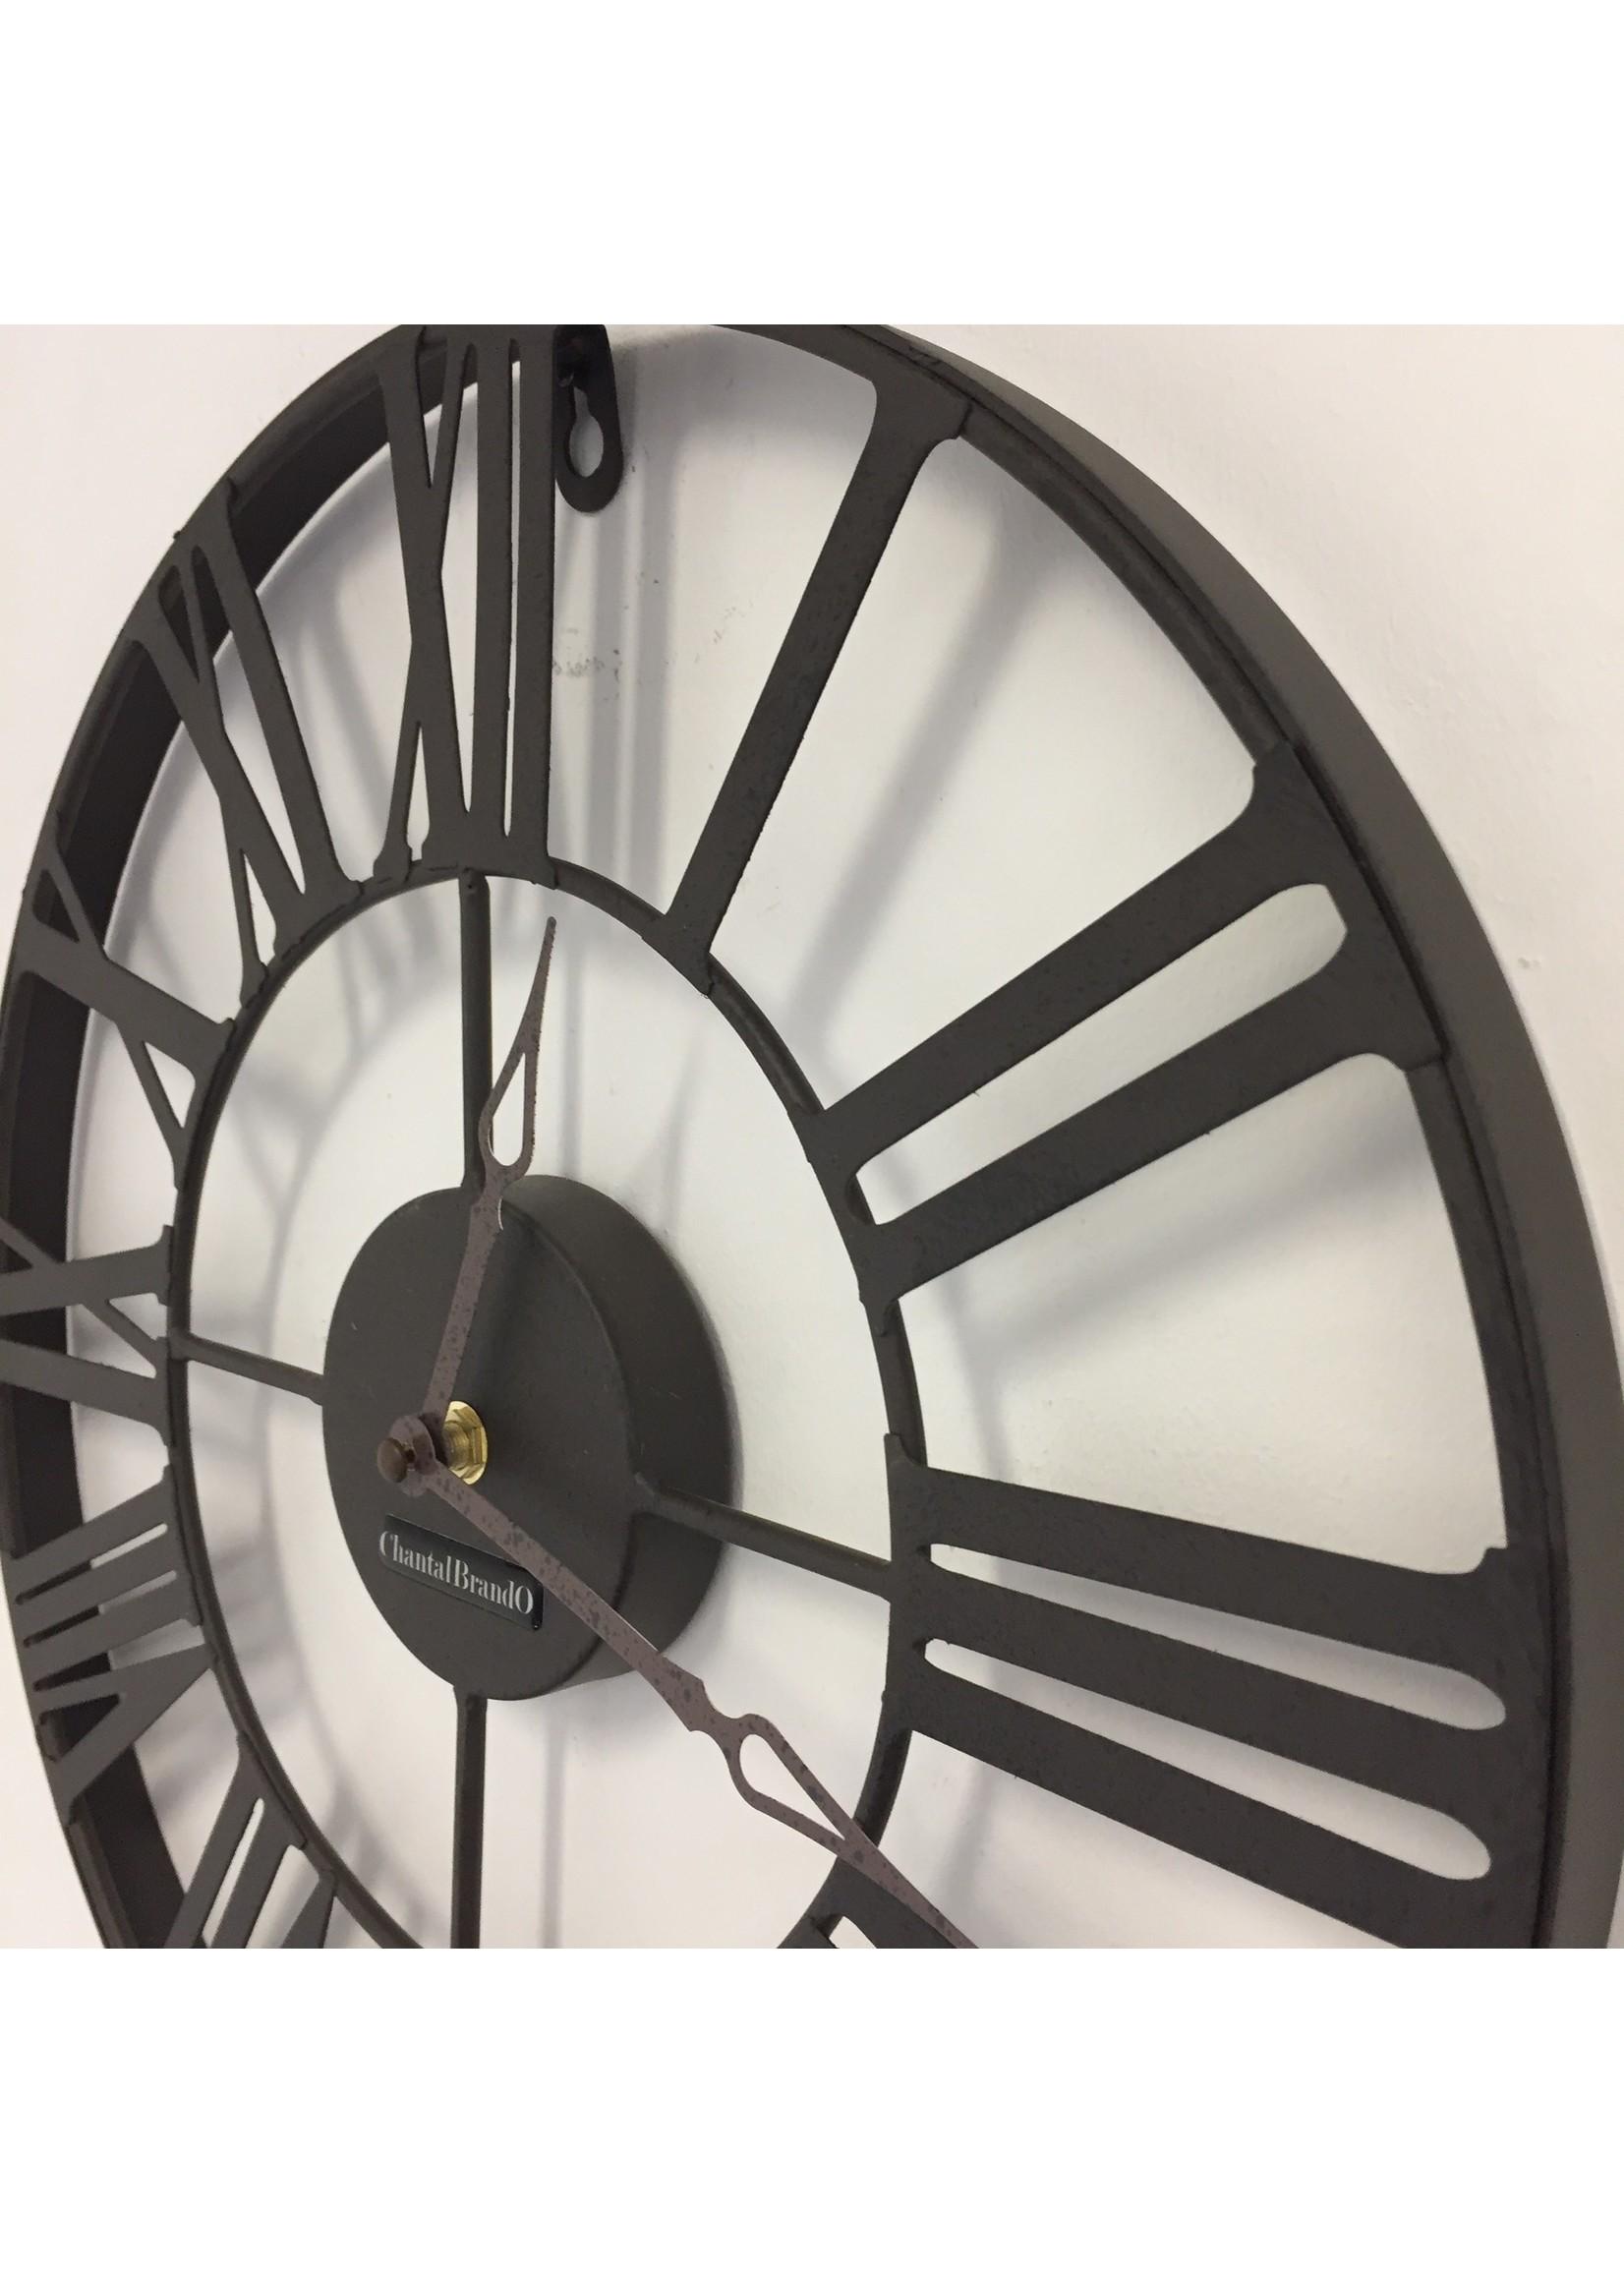 Klokkendiscounter Wandklok metalen wiel retro bruin 37